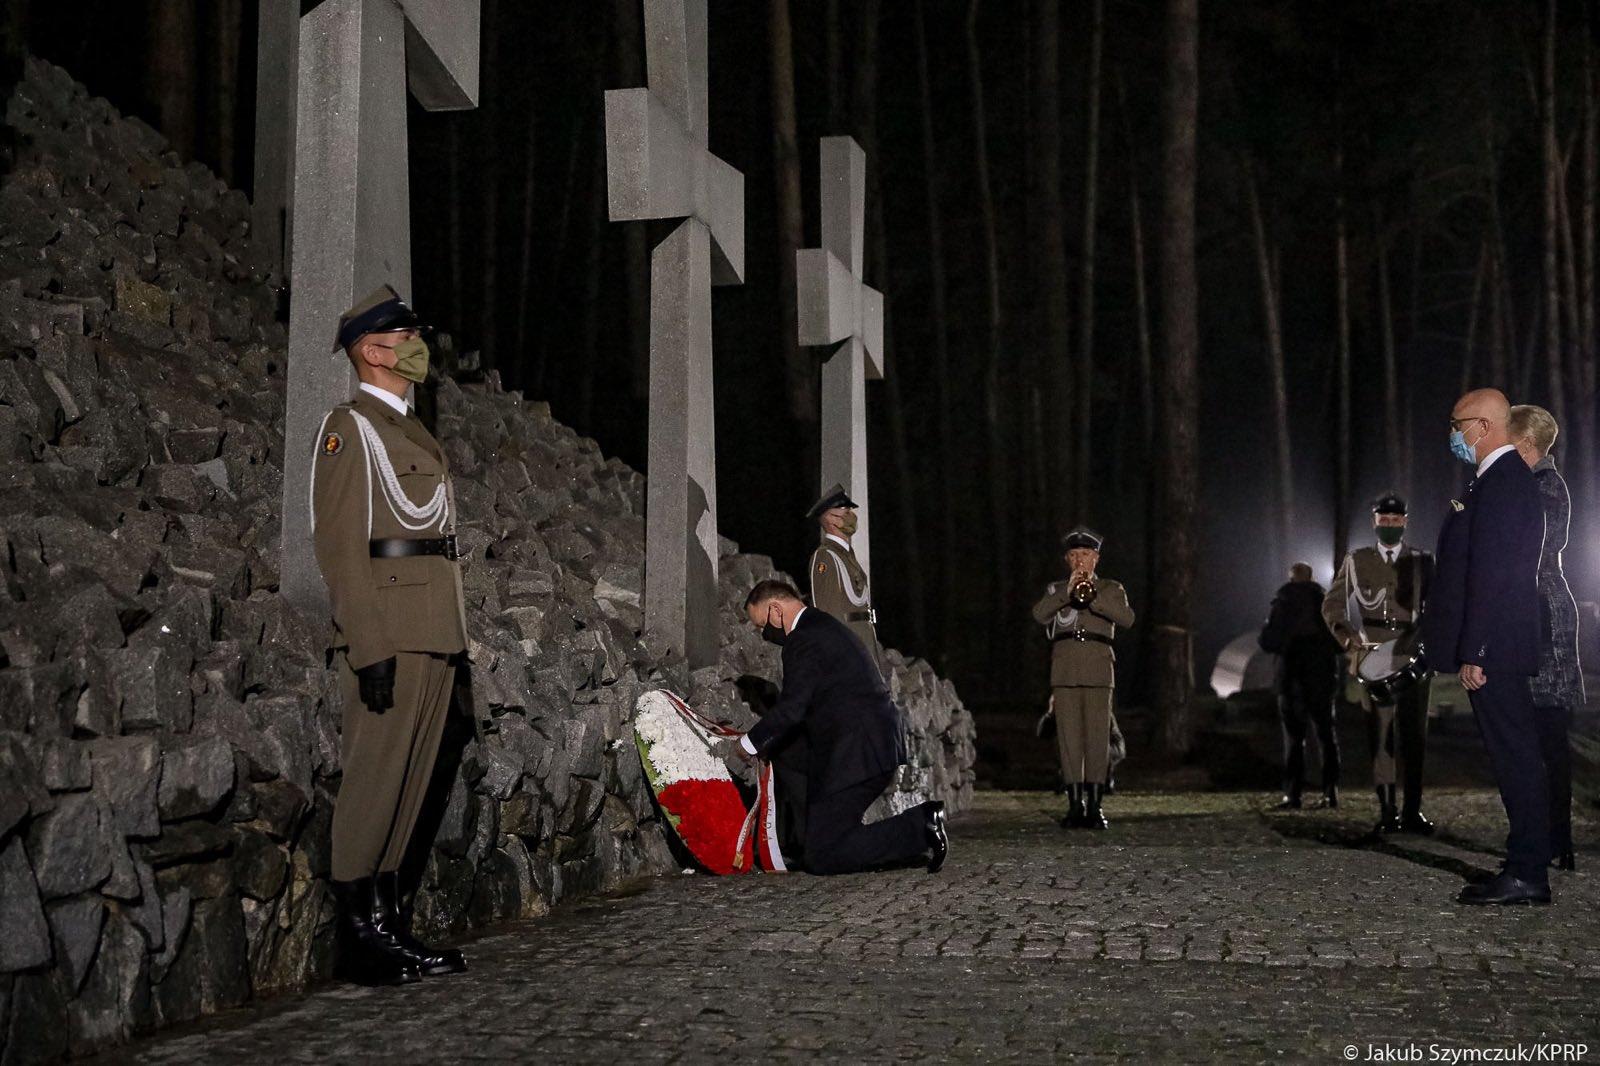 Дуда прибув з візитом в Україну та відвідав польське військове кладовище в Биківні